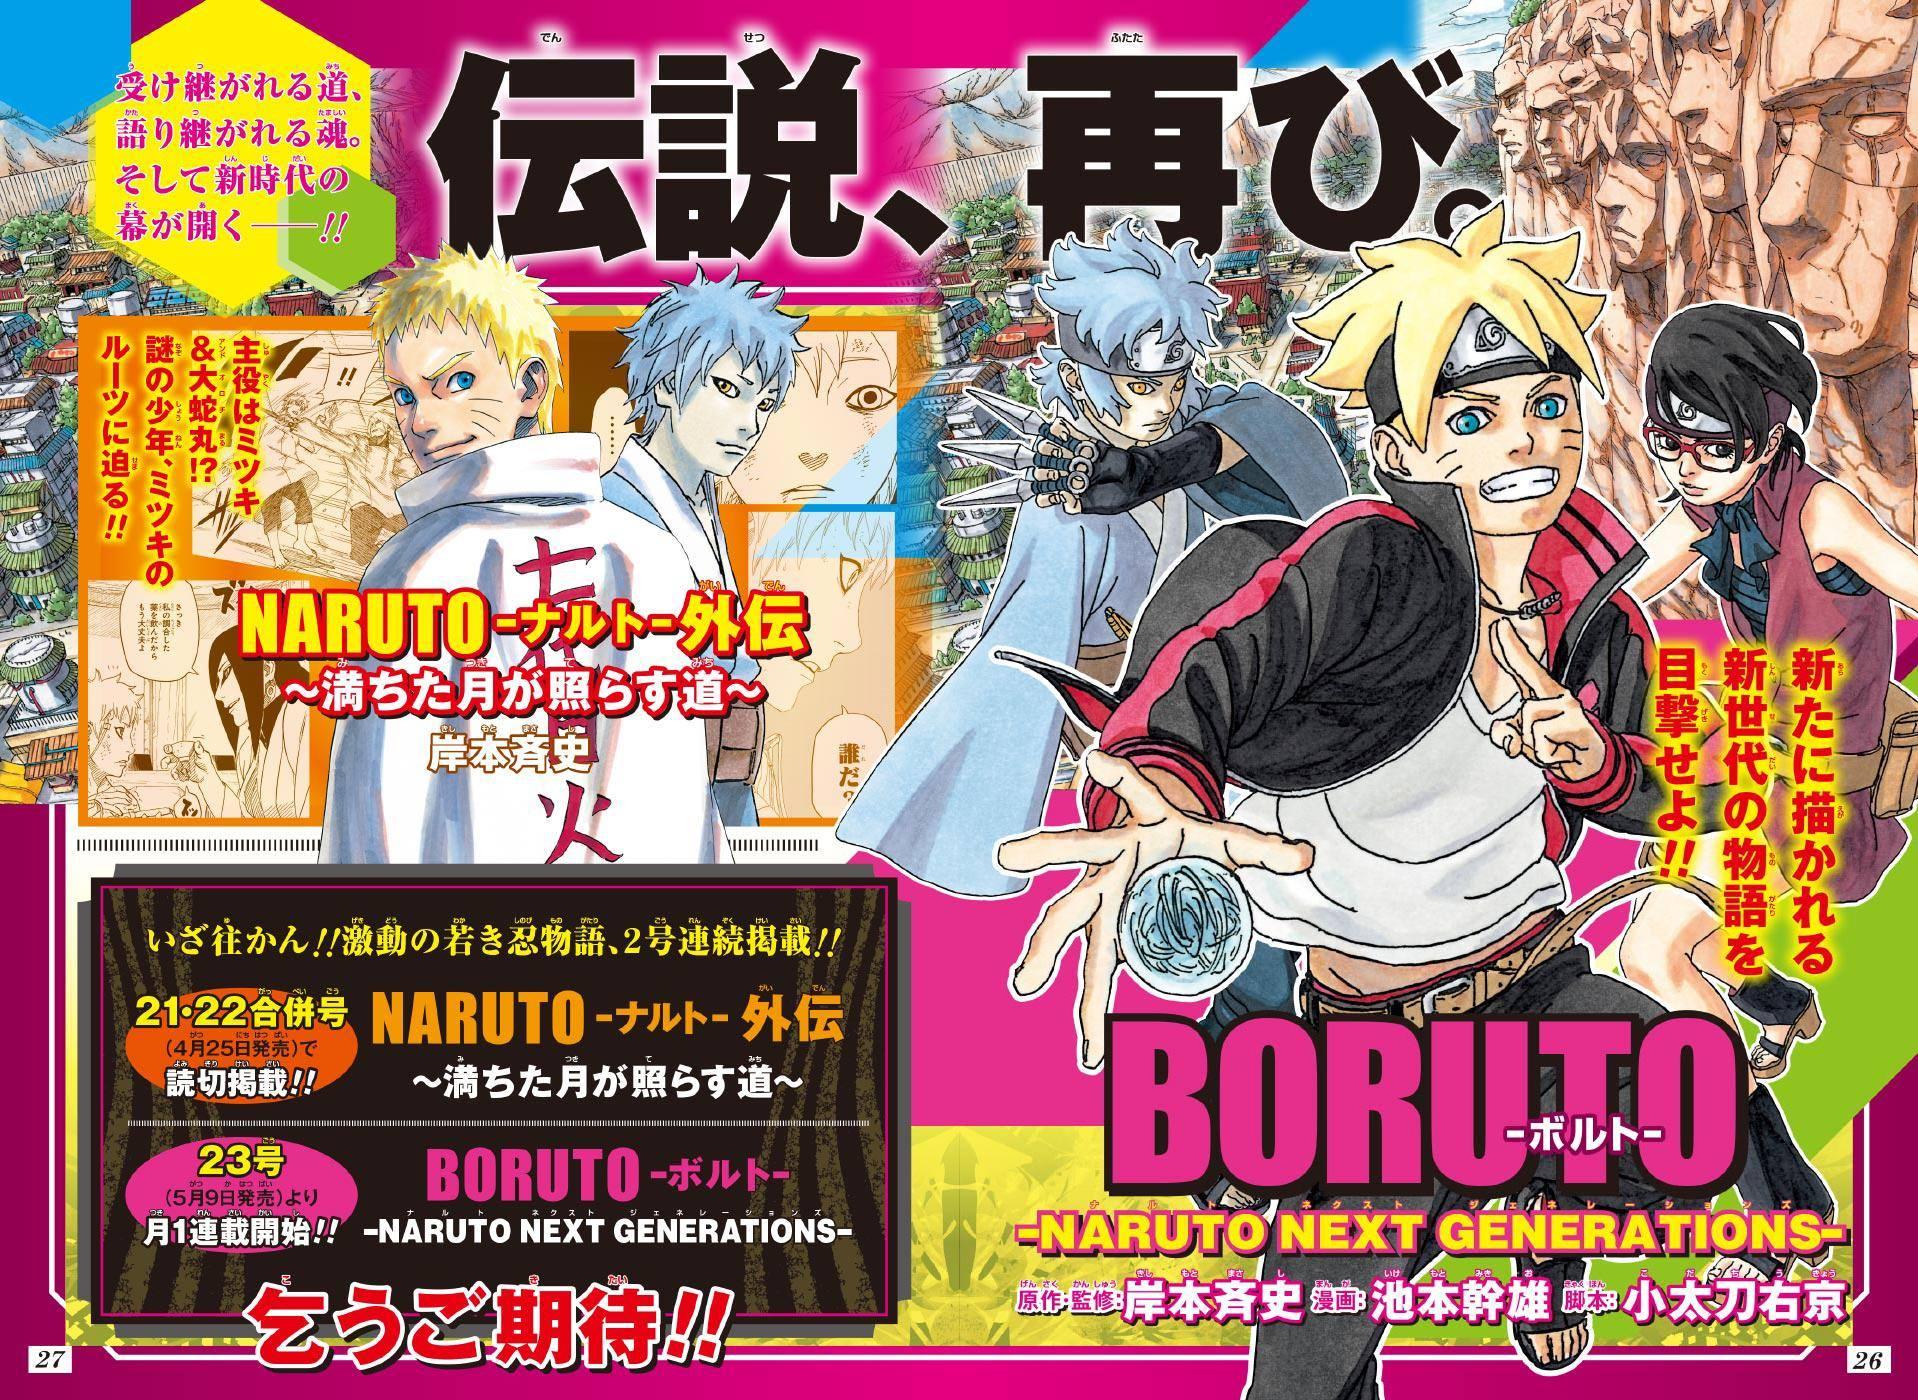 boruto-4 Naruto'nun yeni nesil taraması geldi